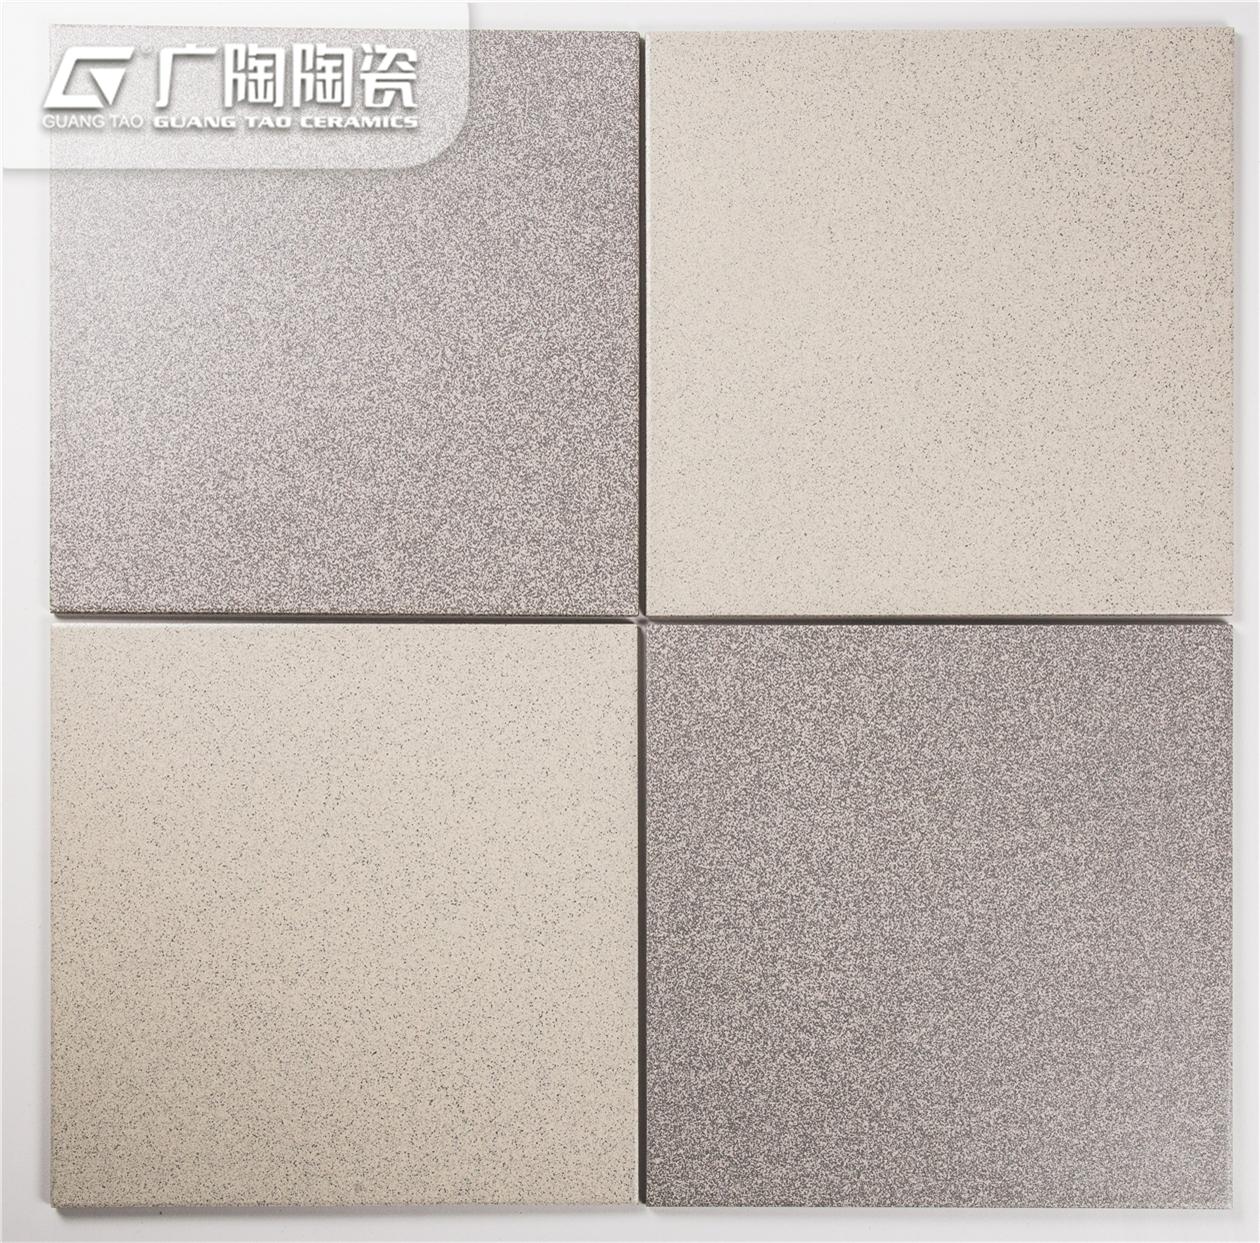 耐磨砖-1-2.jpg